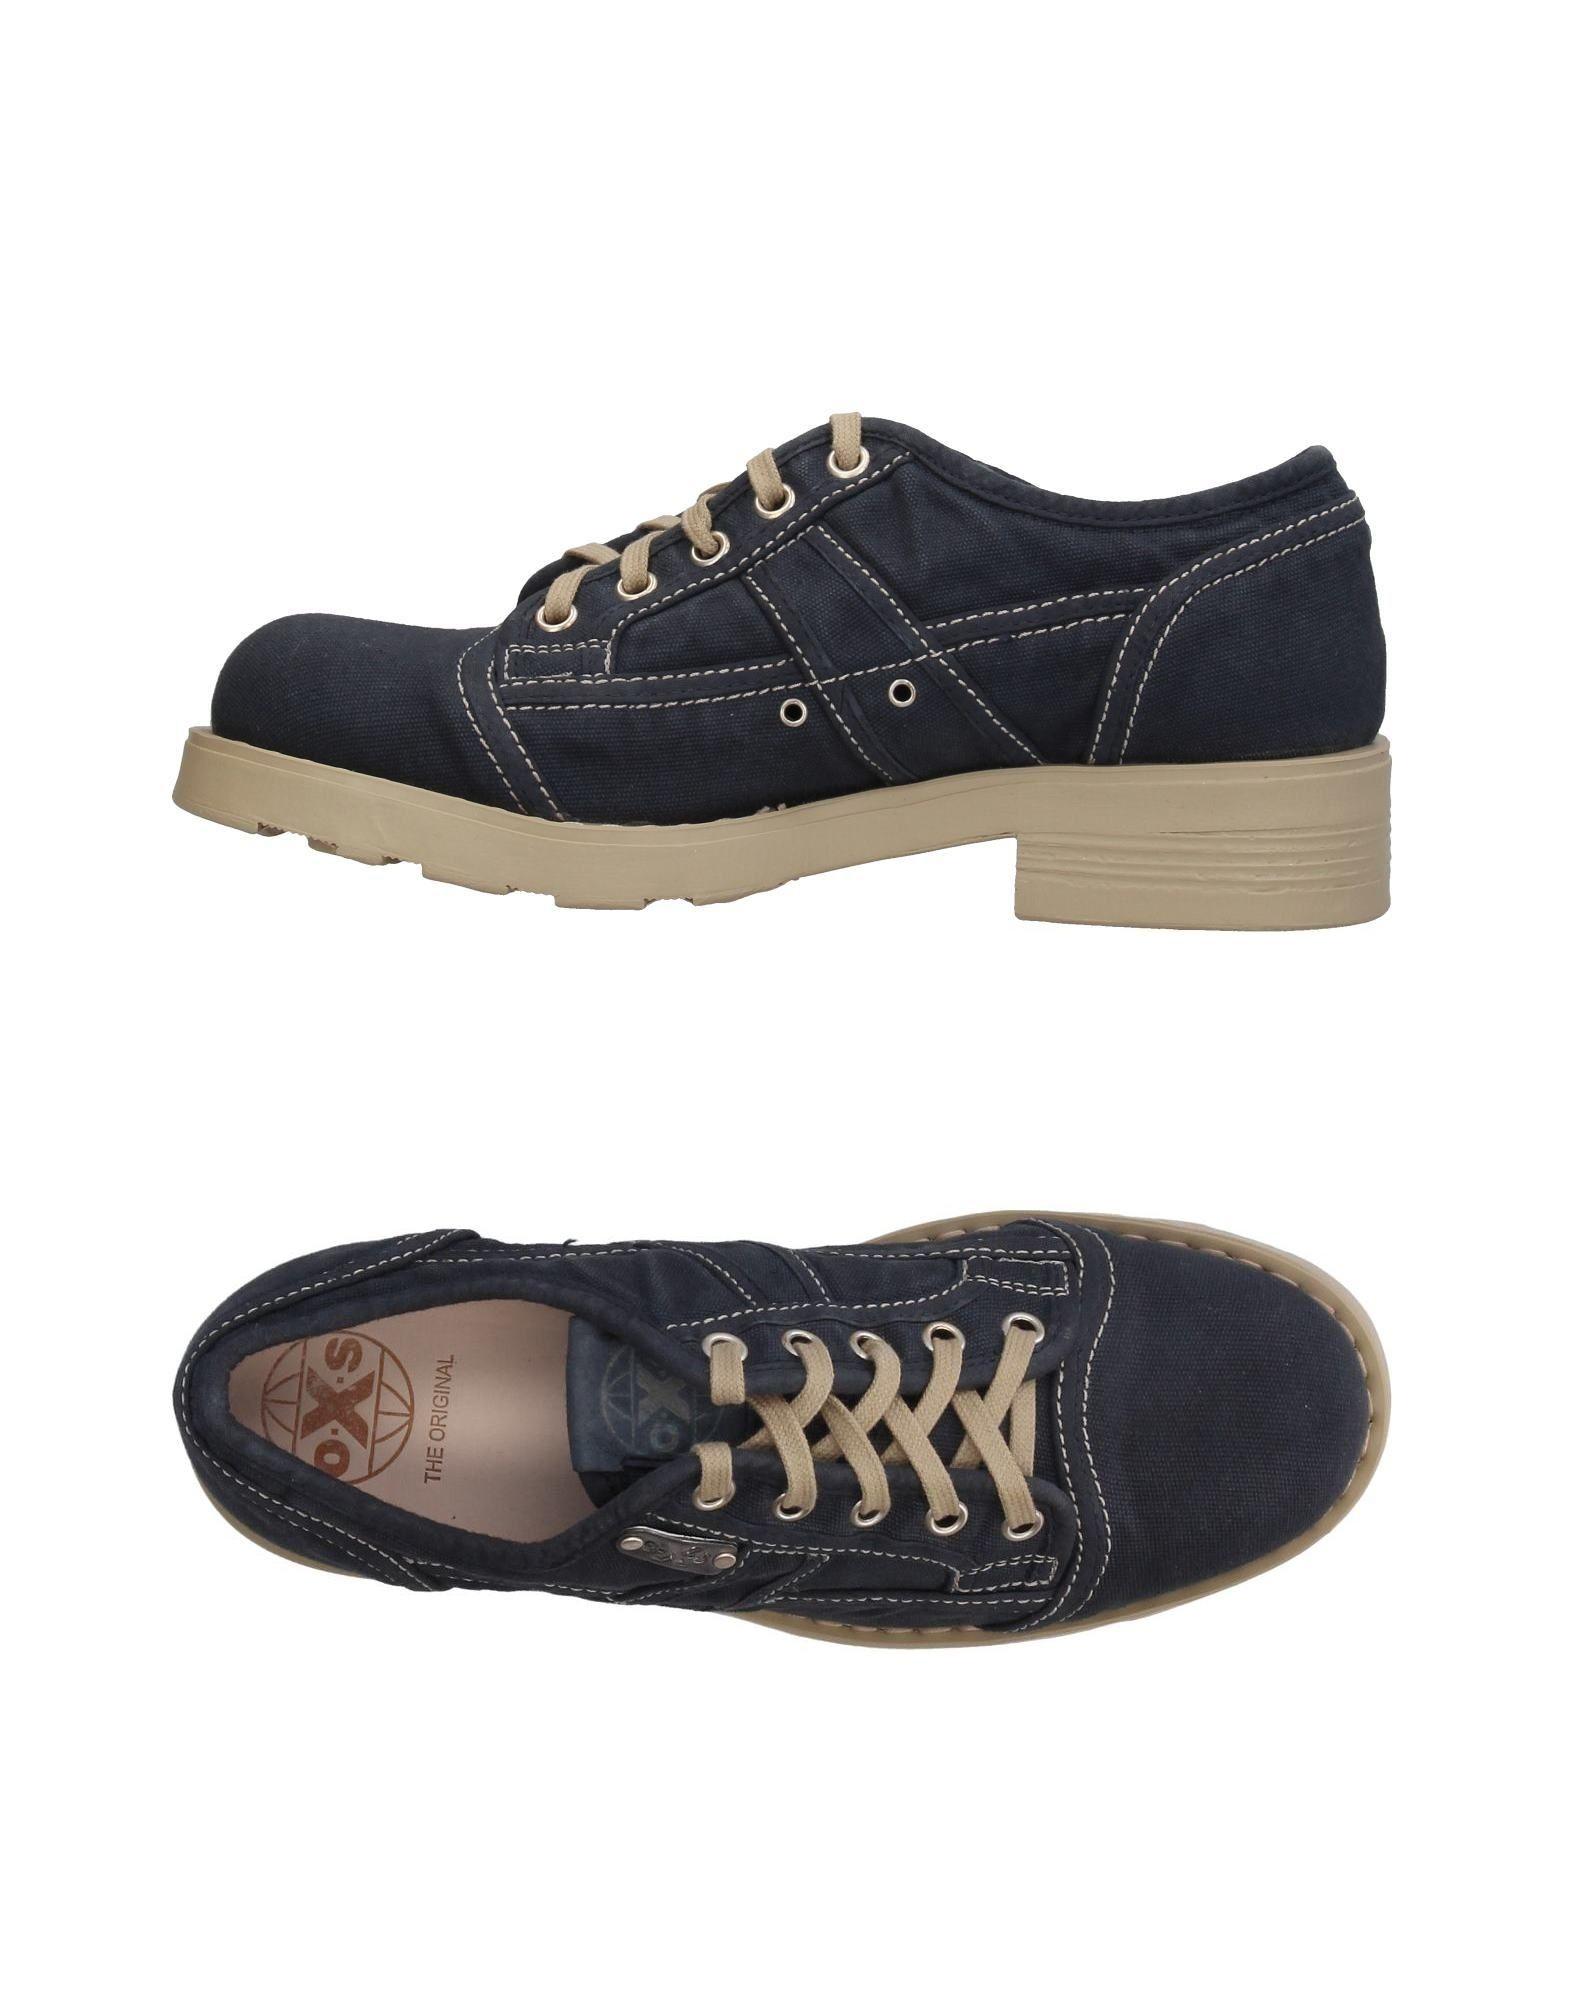 O.X.S. Низкие кеды и кроссовки pierre hardy низкие кеды и кроссовки